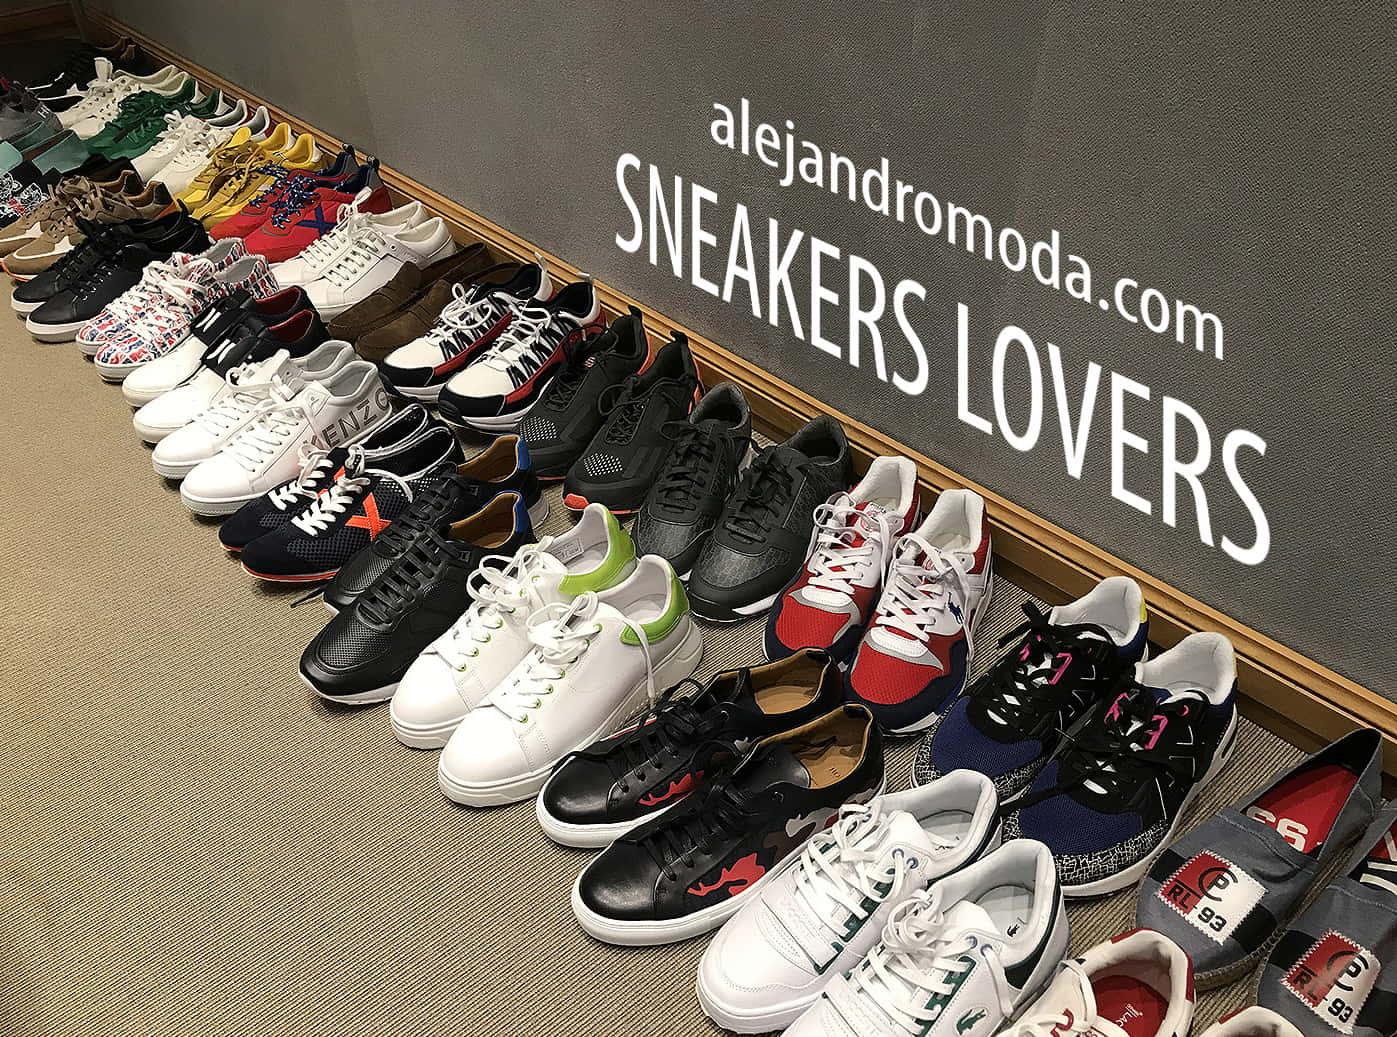 sneakers lovers